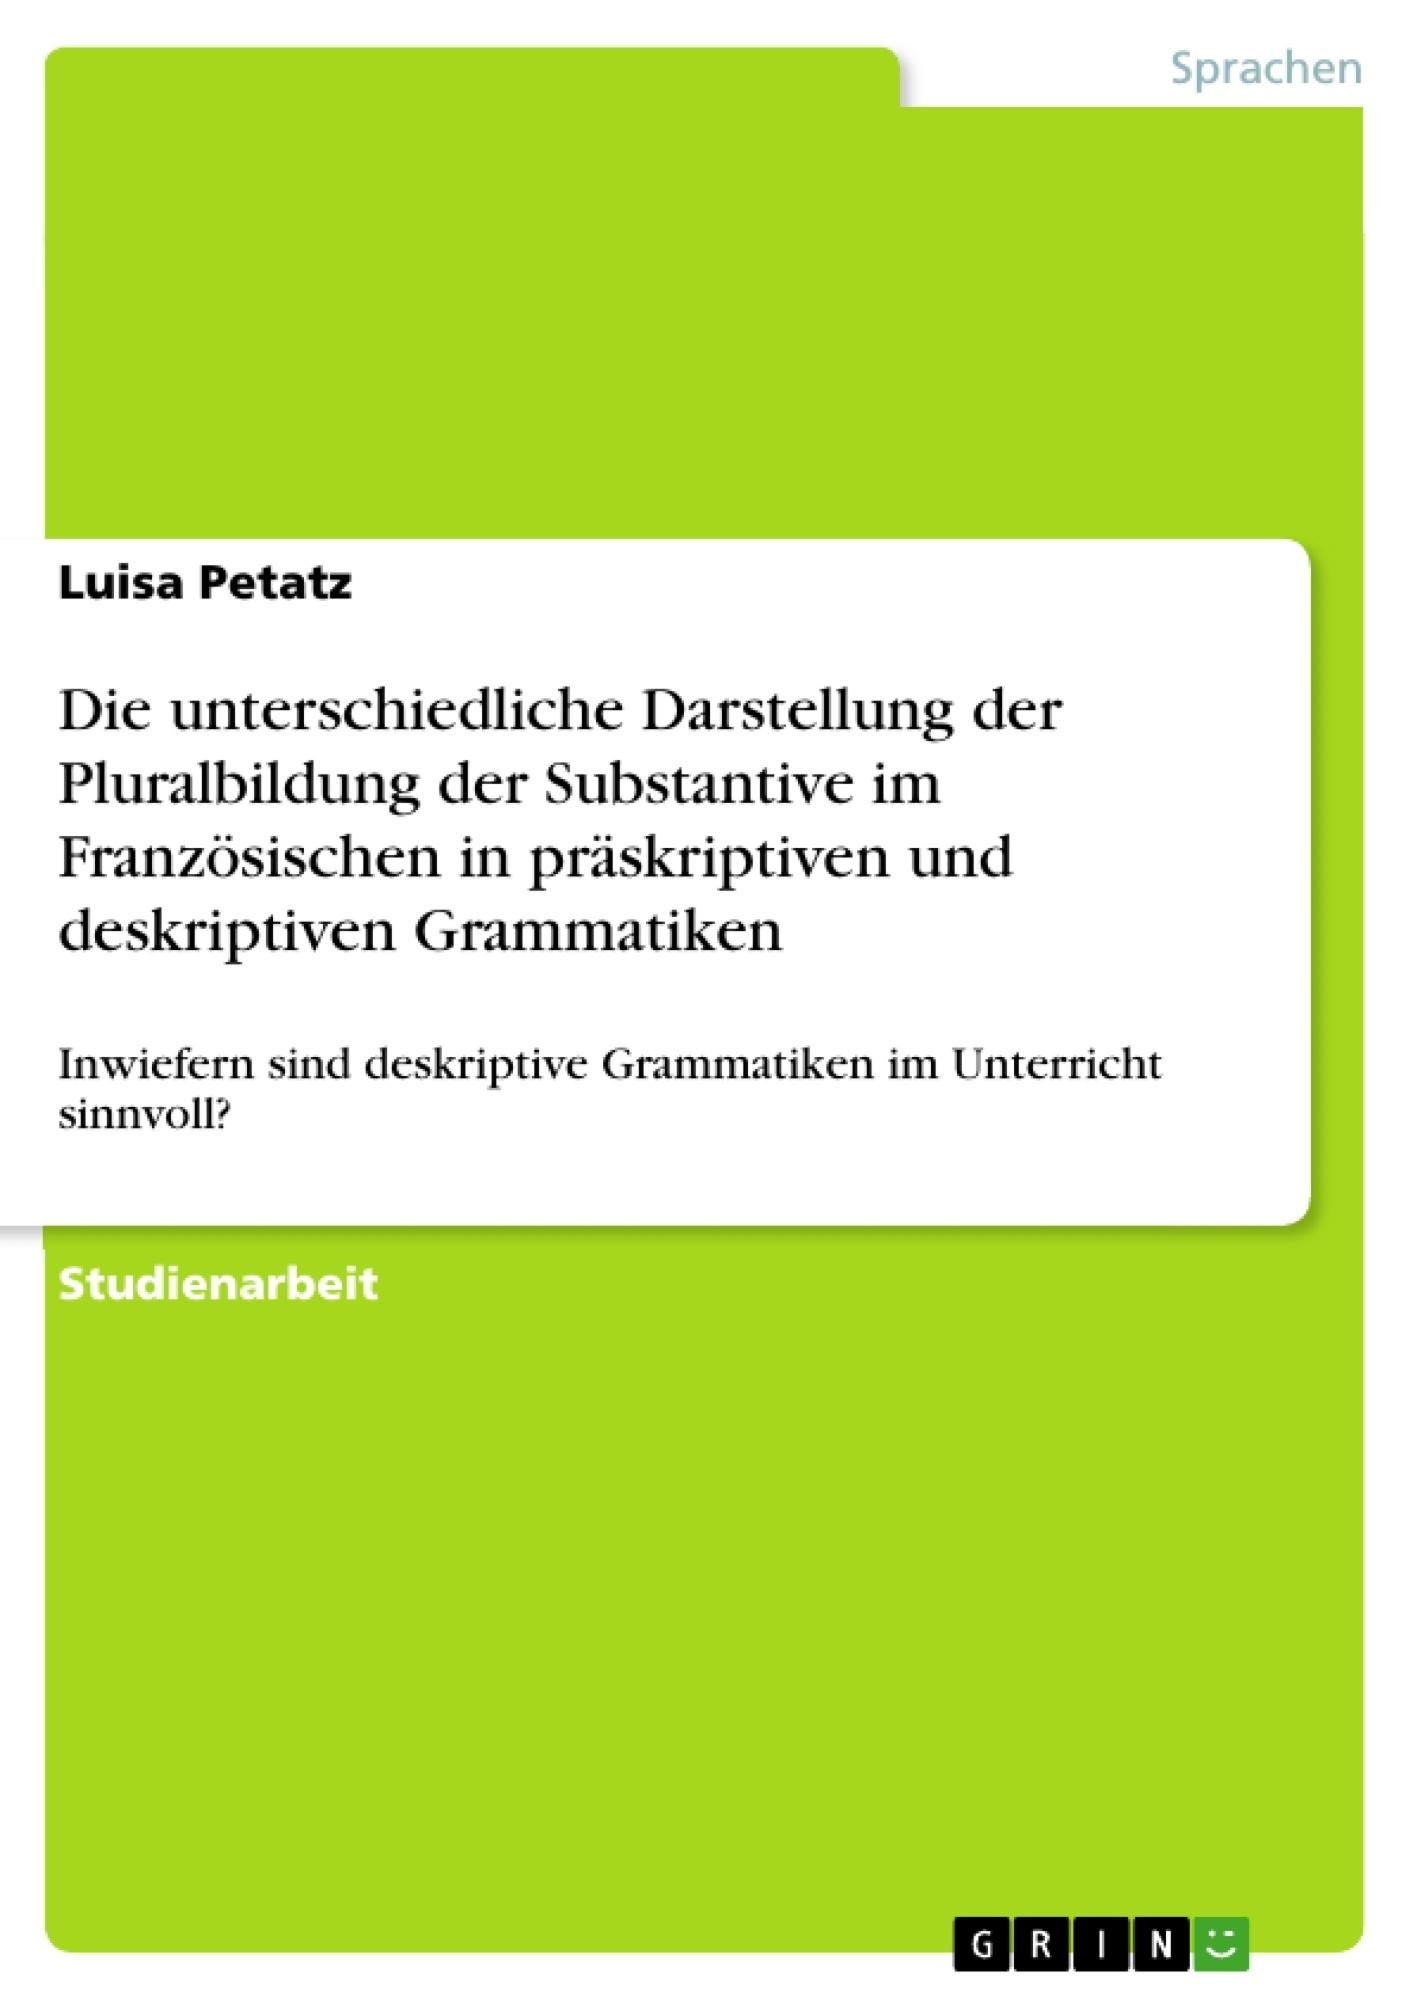 Titel: Die unterschiedliche Darstellung der Pluralbildung der Substantive im Französischen in präskriptiven und deskriptiven Grammatiken